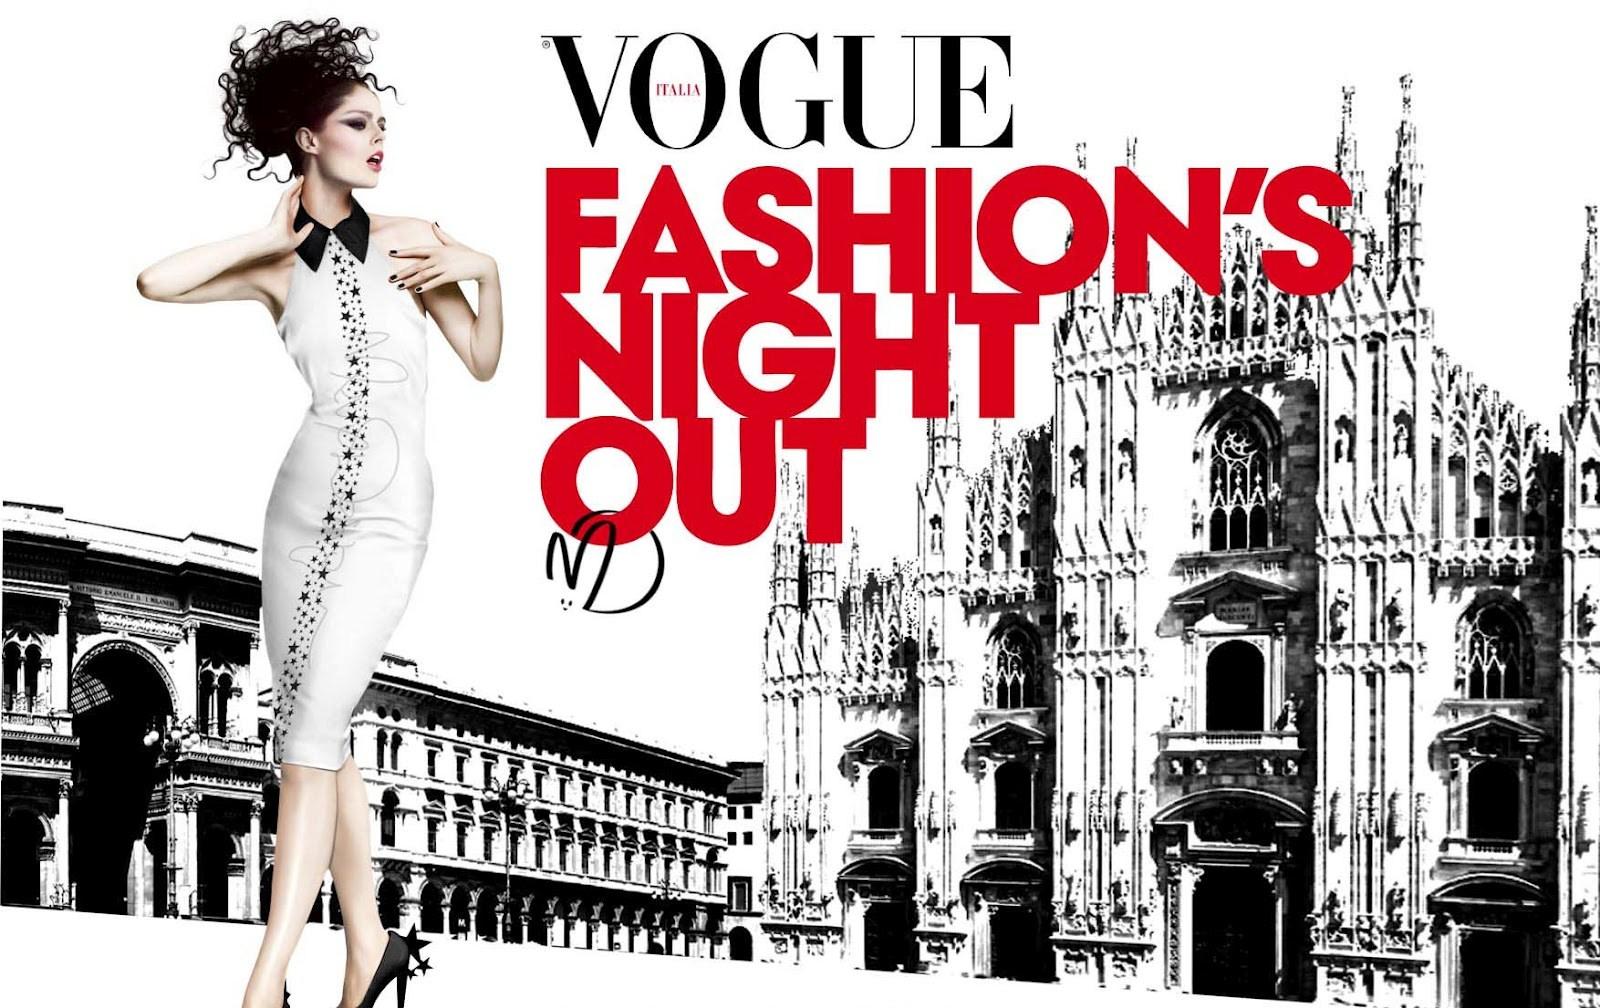 Vogue Fashion Night Out 2013, tutte le novità dell'evento